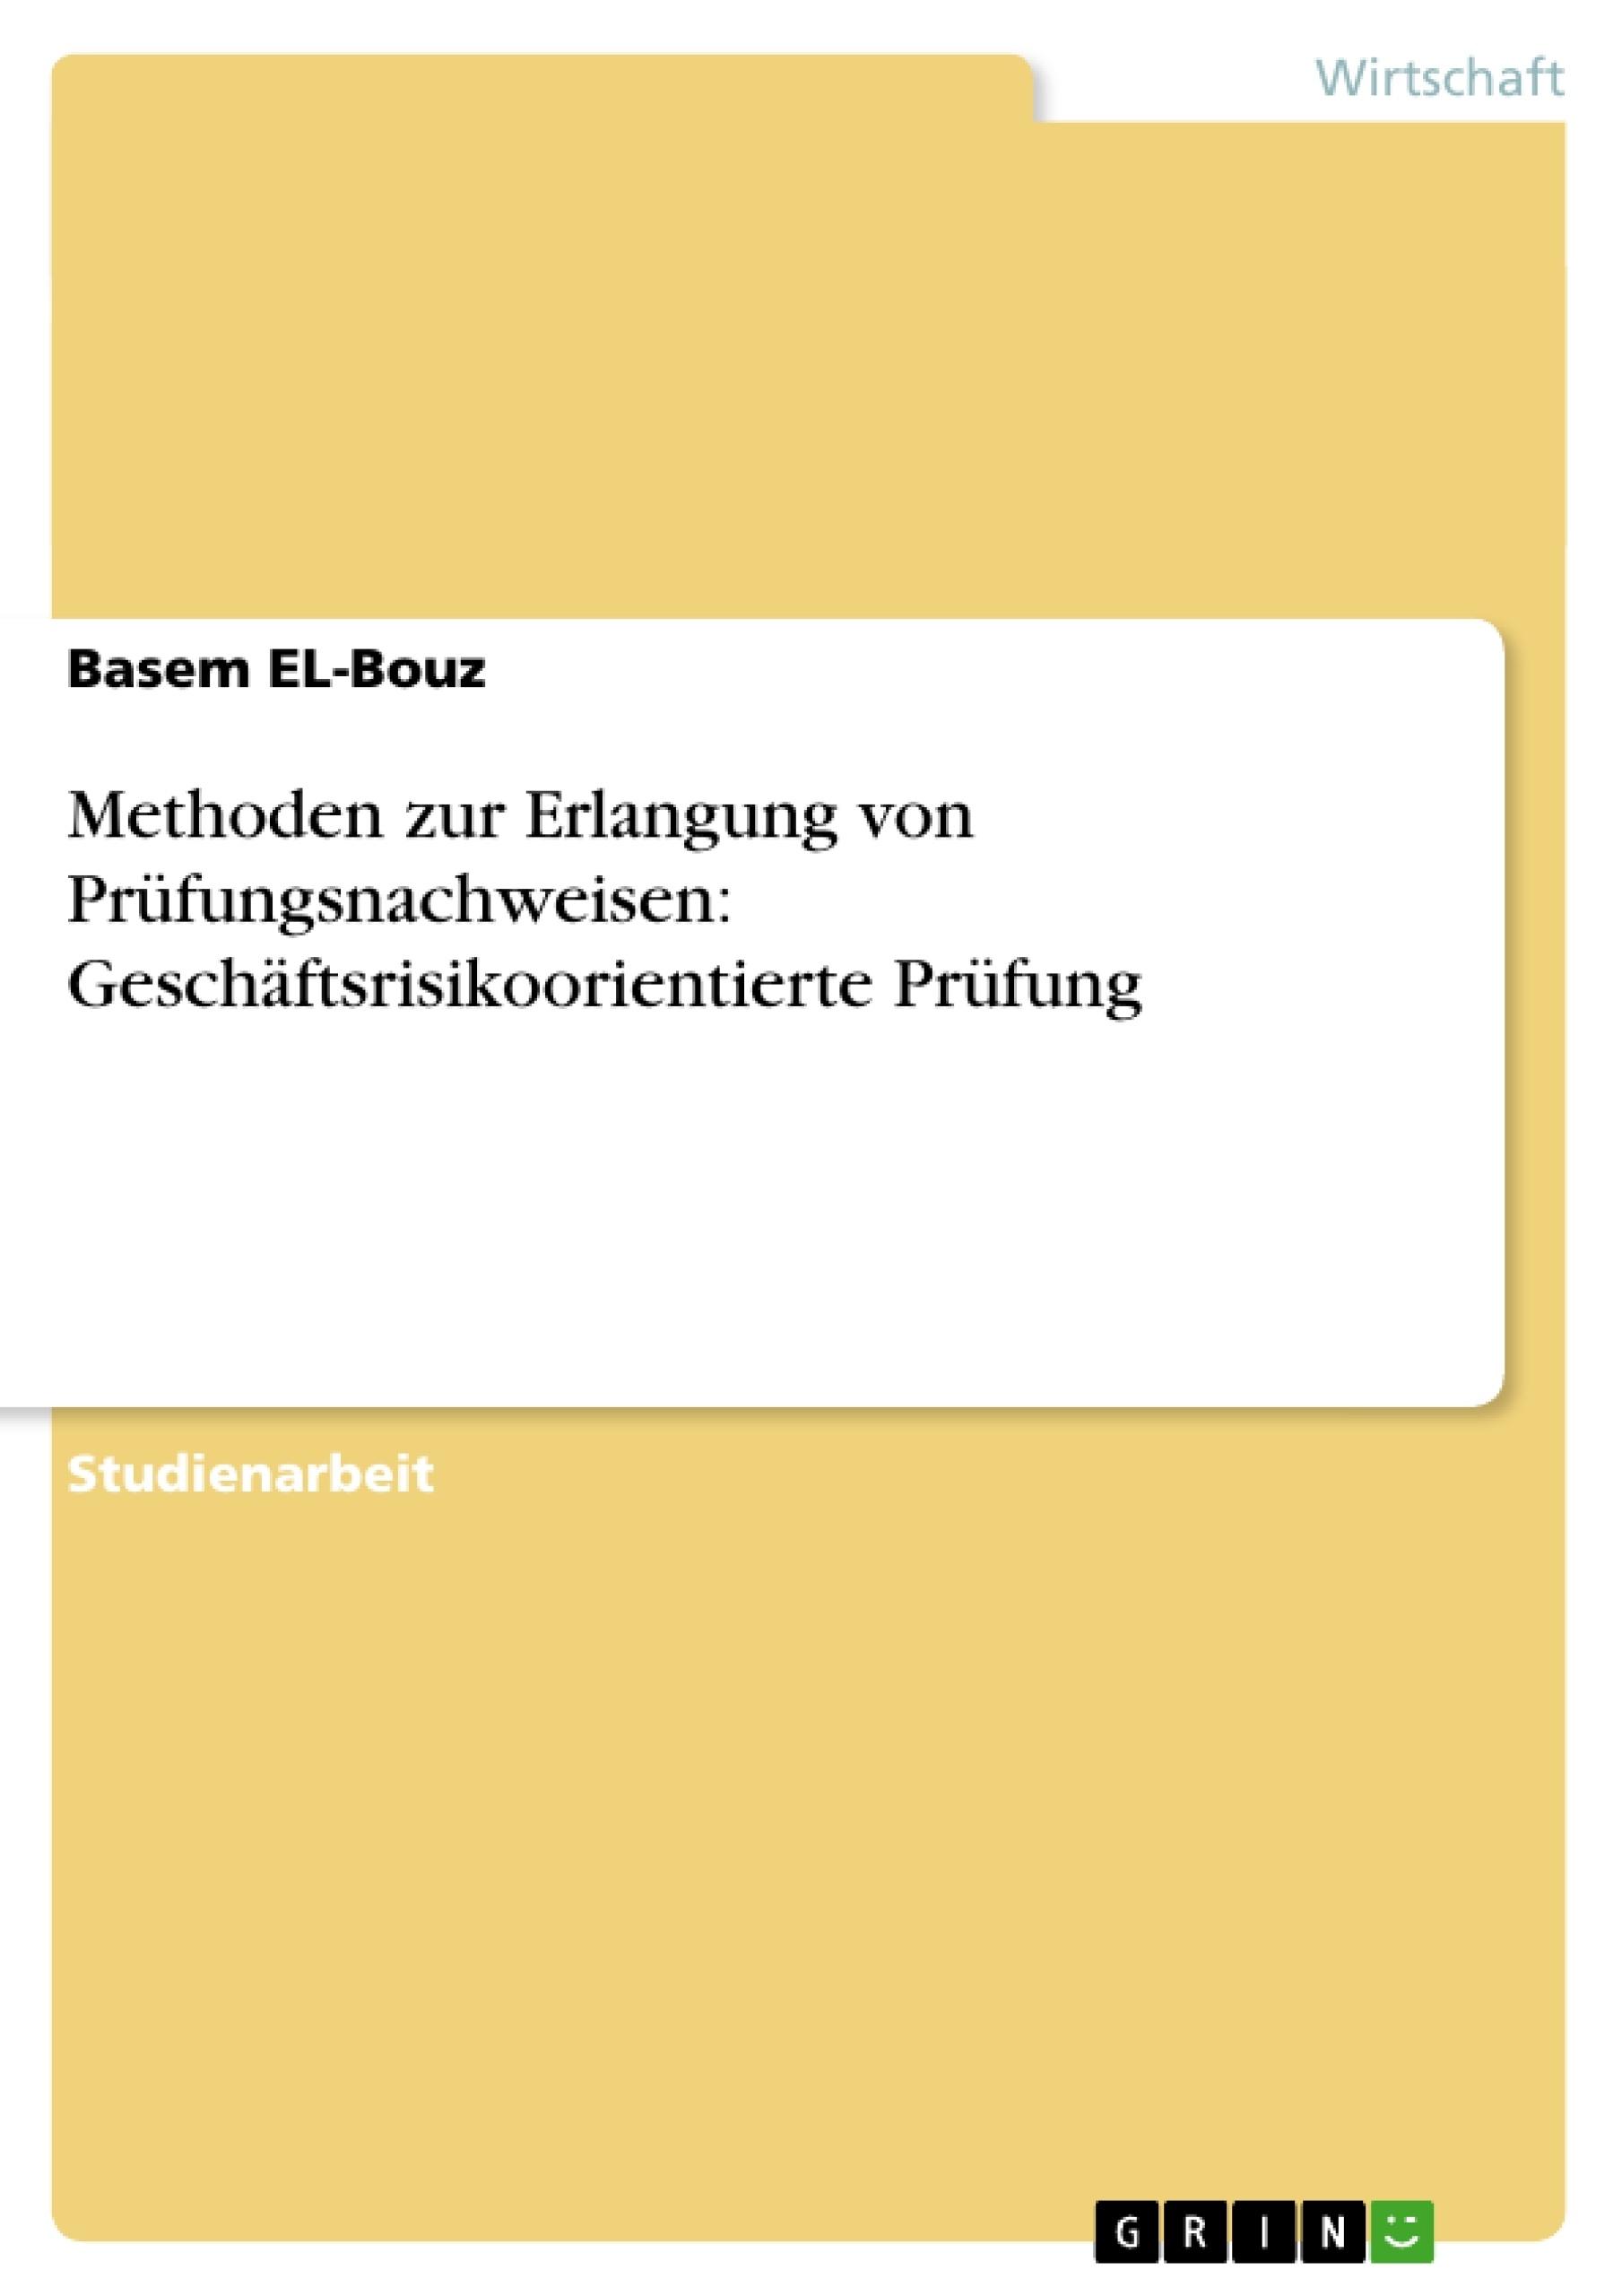 Titel: Methoden zur Erlangung von Prüfungsnachweisen: Geschäftsrisikoorientierte Prüfung